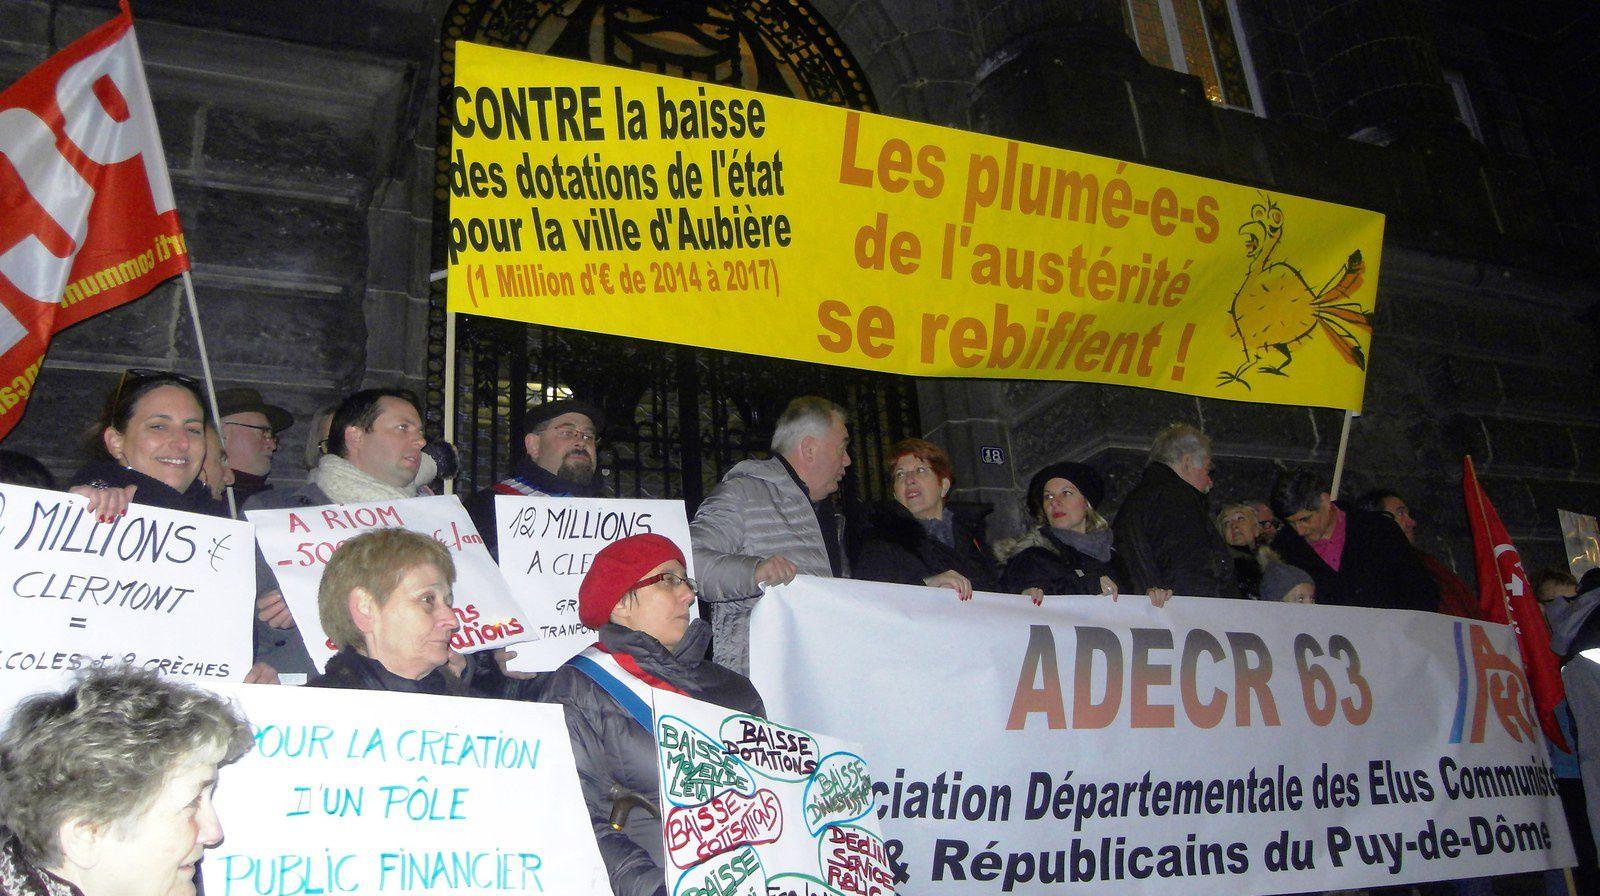 Rassemblement devant la Préfecture de Clermont-Ferrand le 11-02-2016